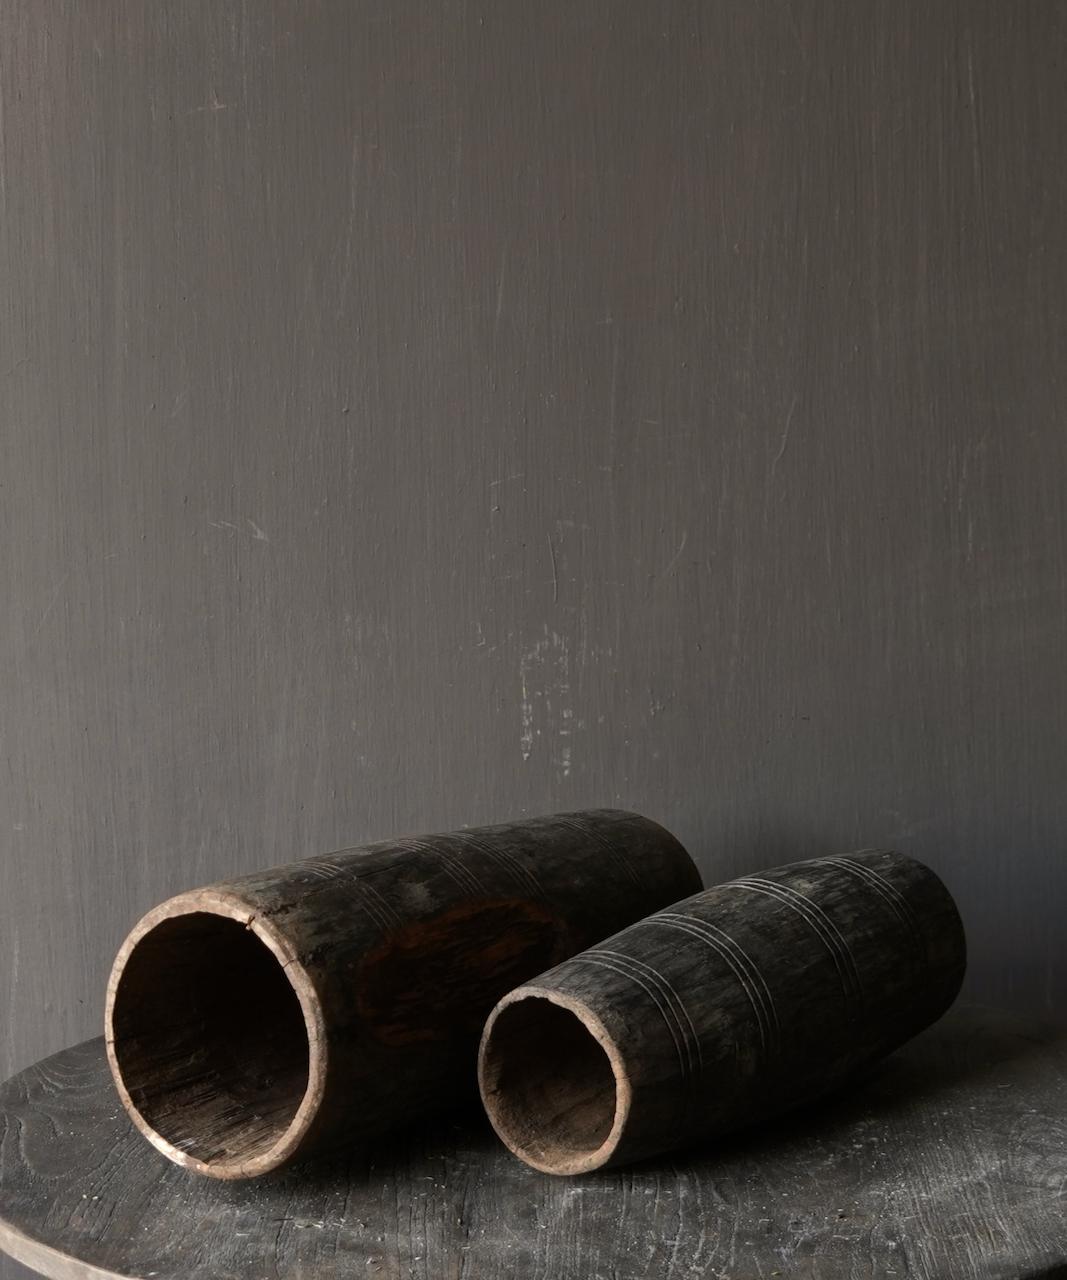 Uniek oud houten vaas zonder bodem gemaakt van een Authentieke trommel-4